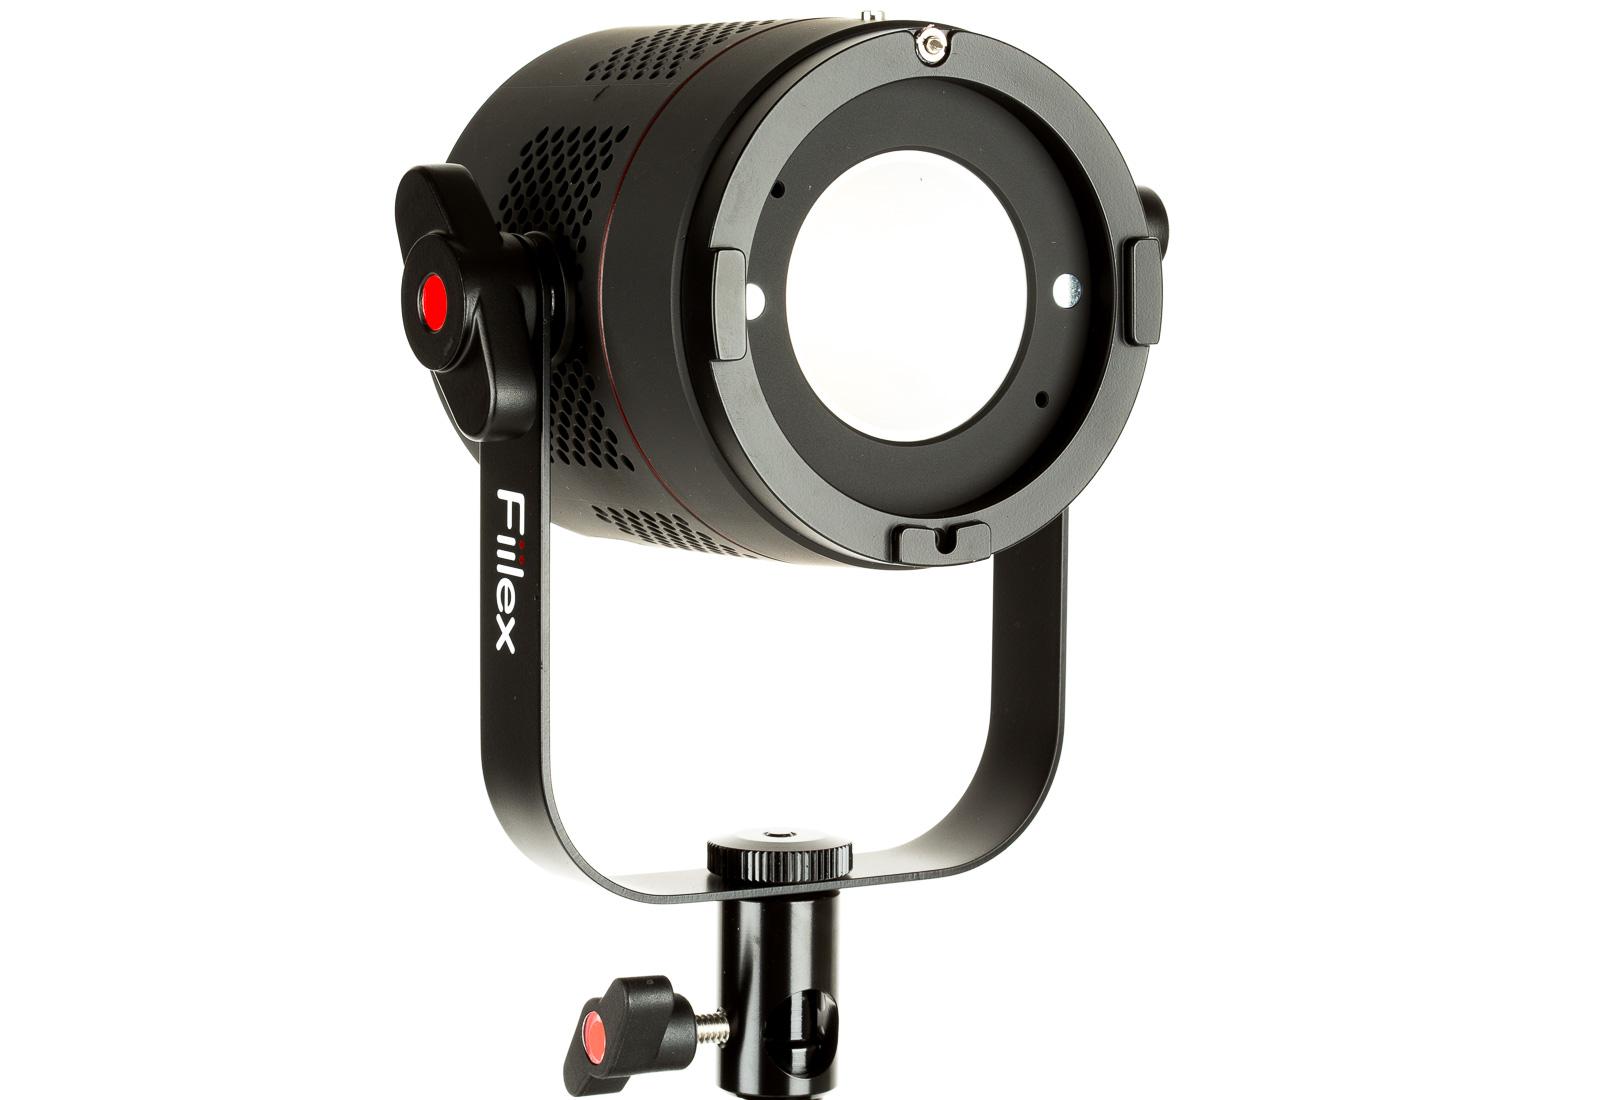 Rent A Fiilex P360 Pro Plus 3 Light Led Travel Kit At